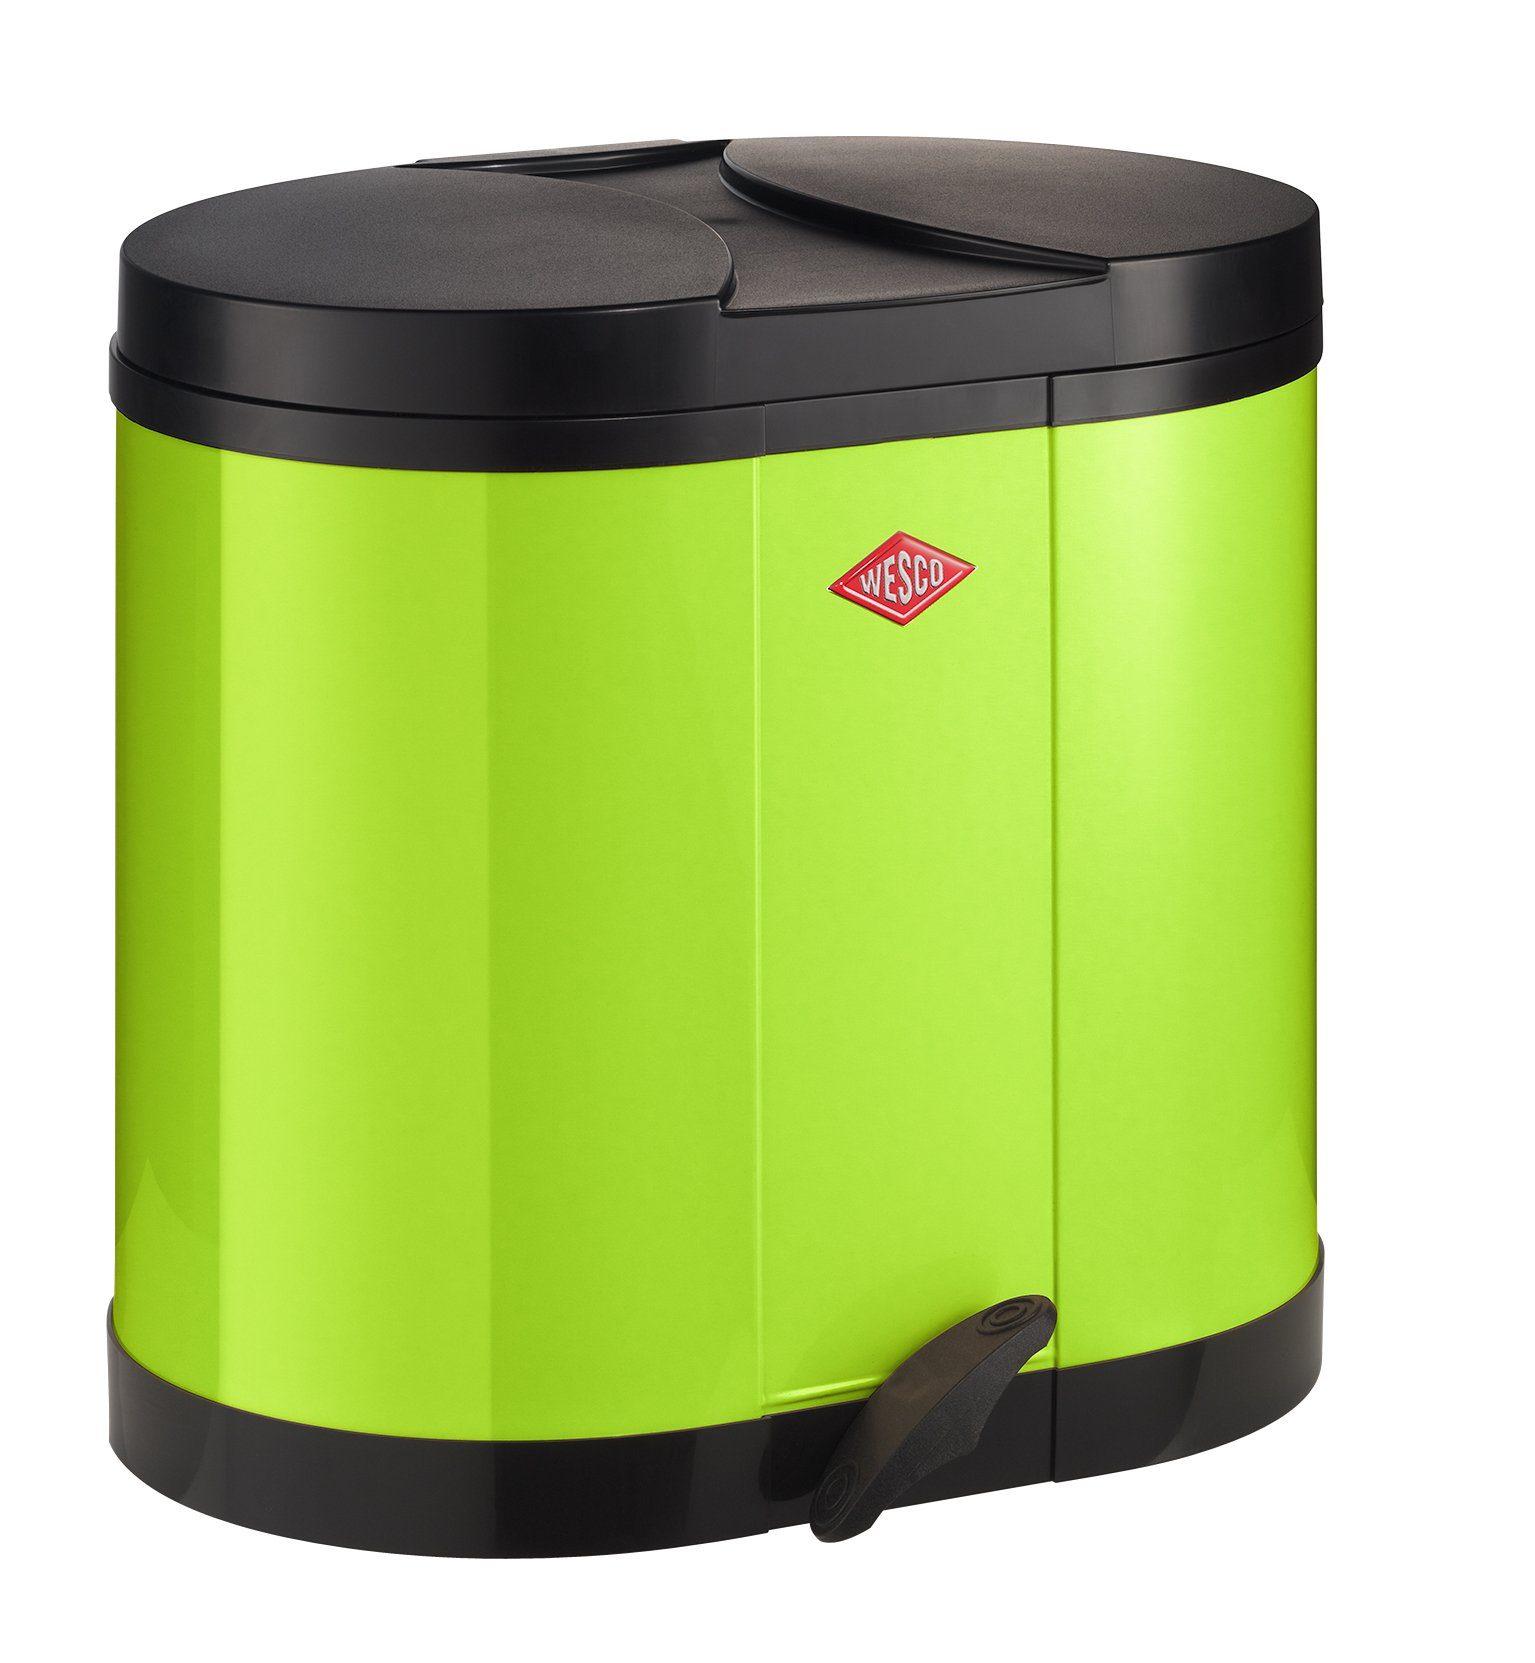 Wesco Abfallsammler ÖKOSAMMLER 170 Wohnen/Haushalt/Haushaltswaren/Reinigung/Mülleimer/Mülltrennsysteme